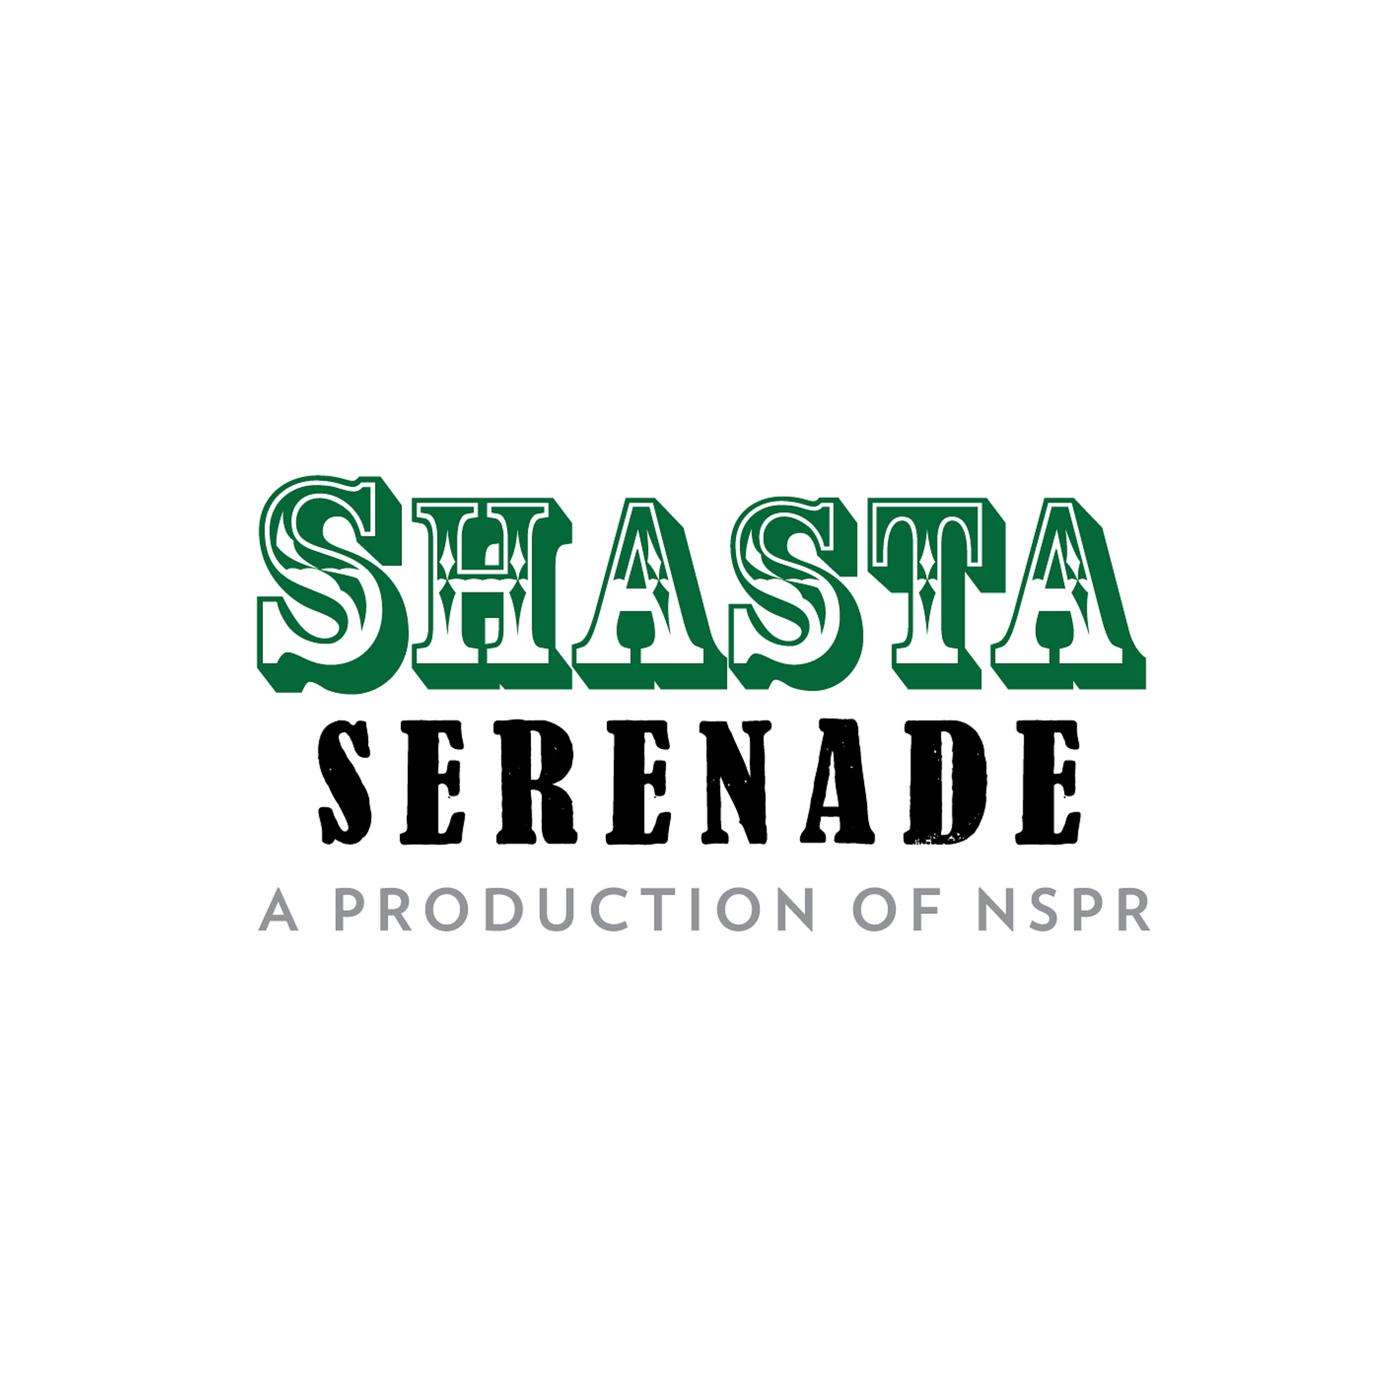 Shasta Serenade